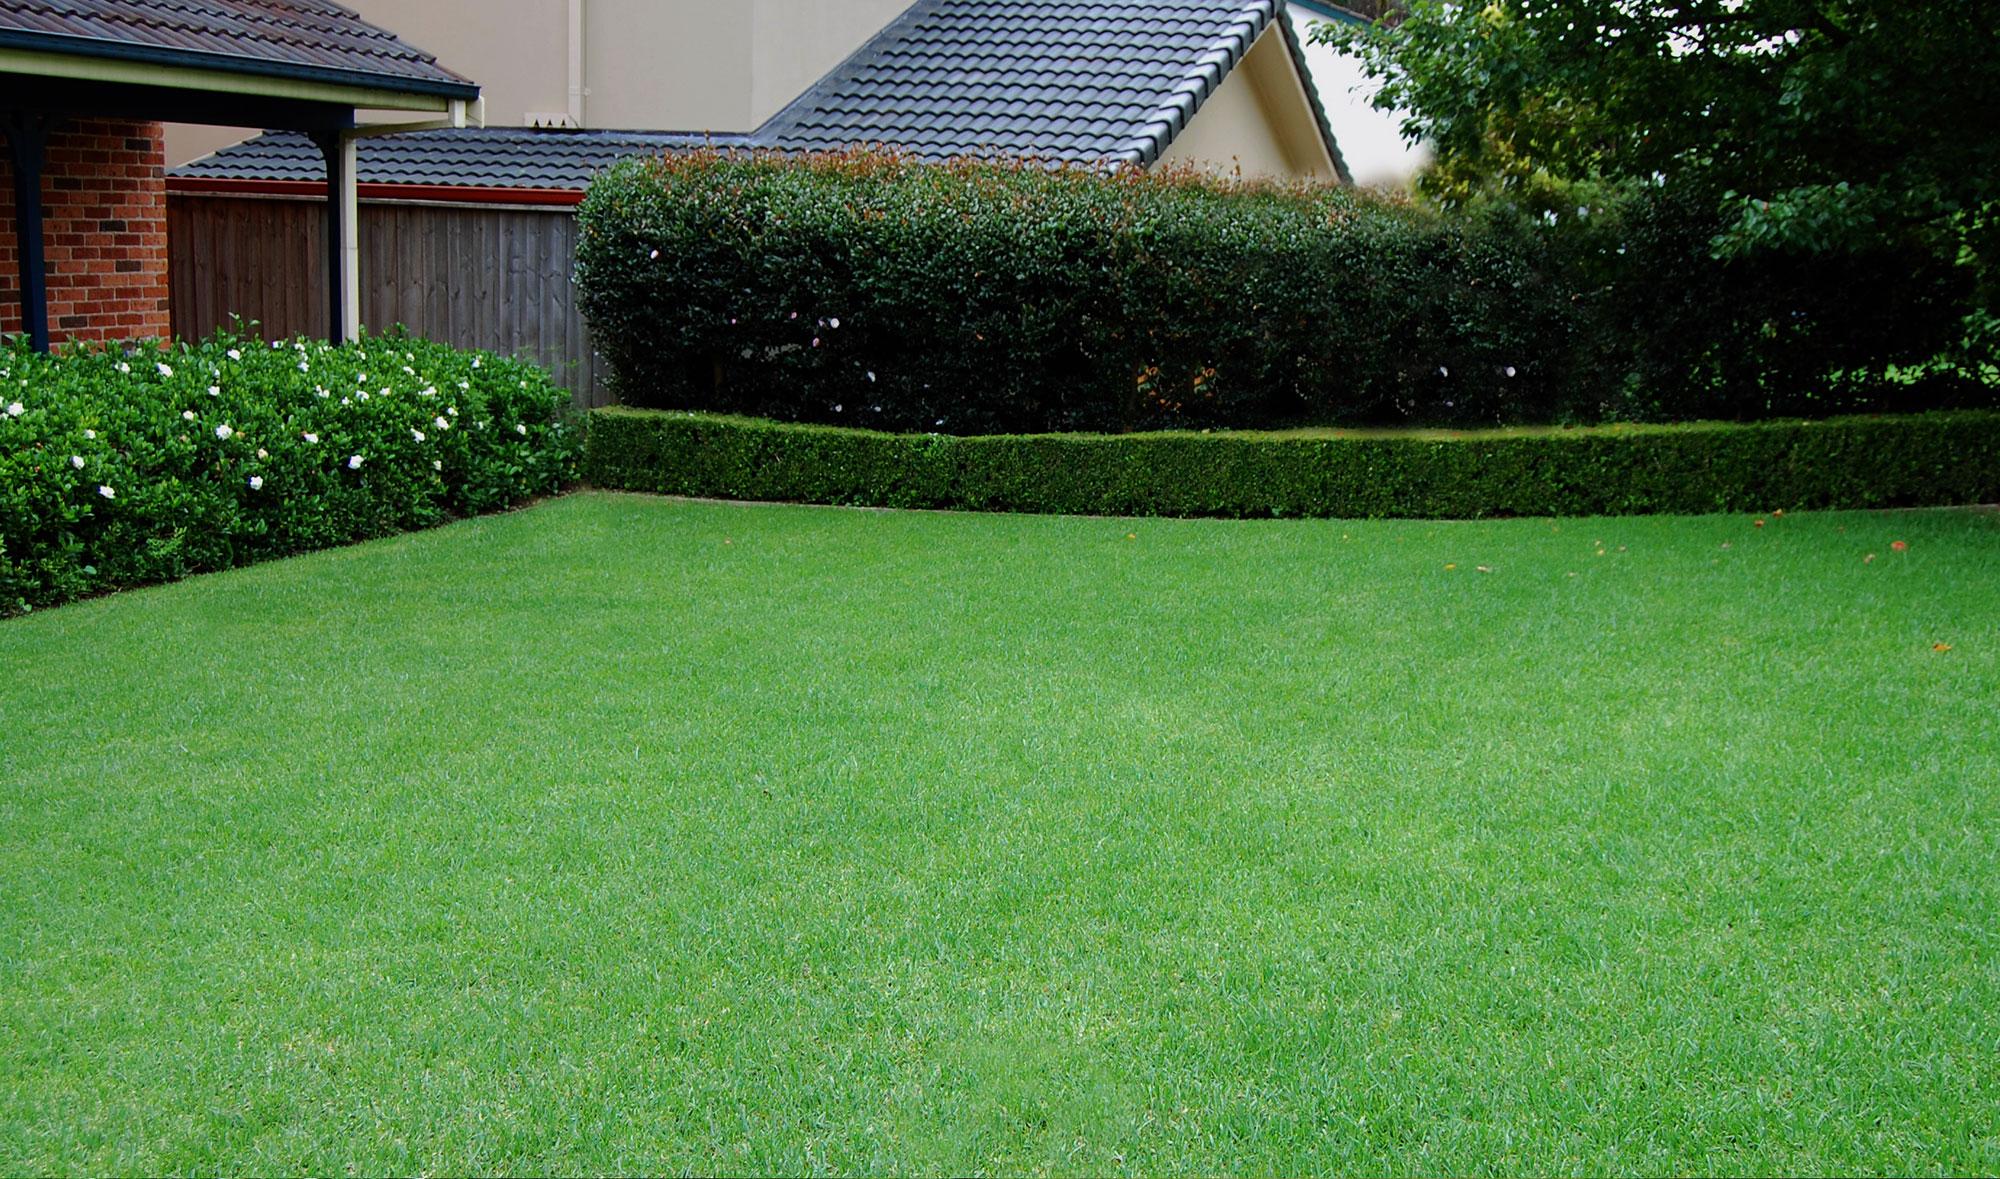 lawns images